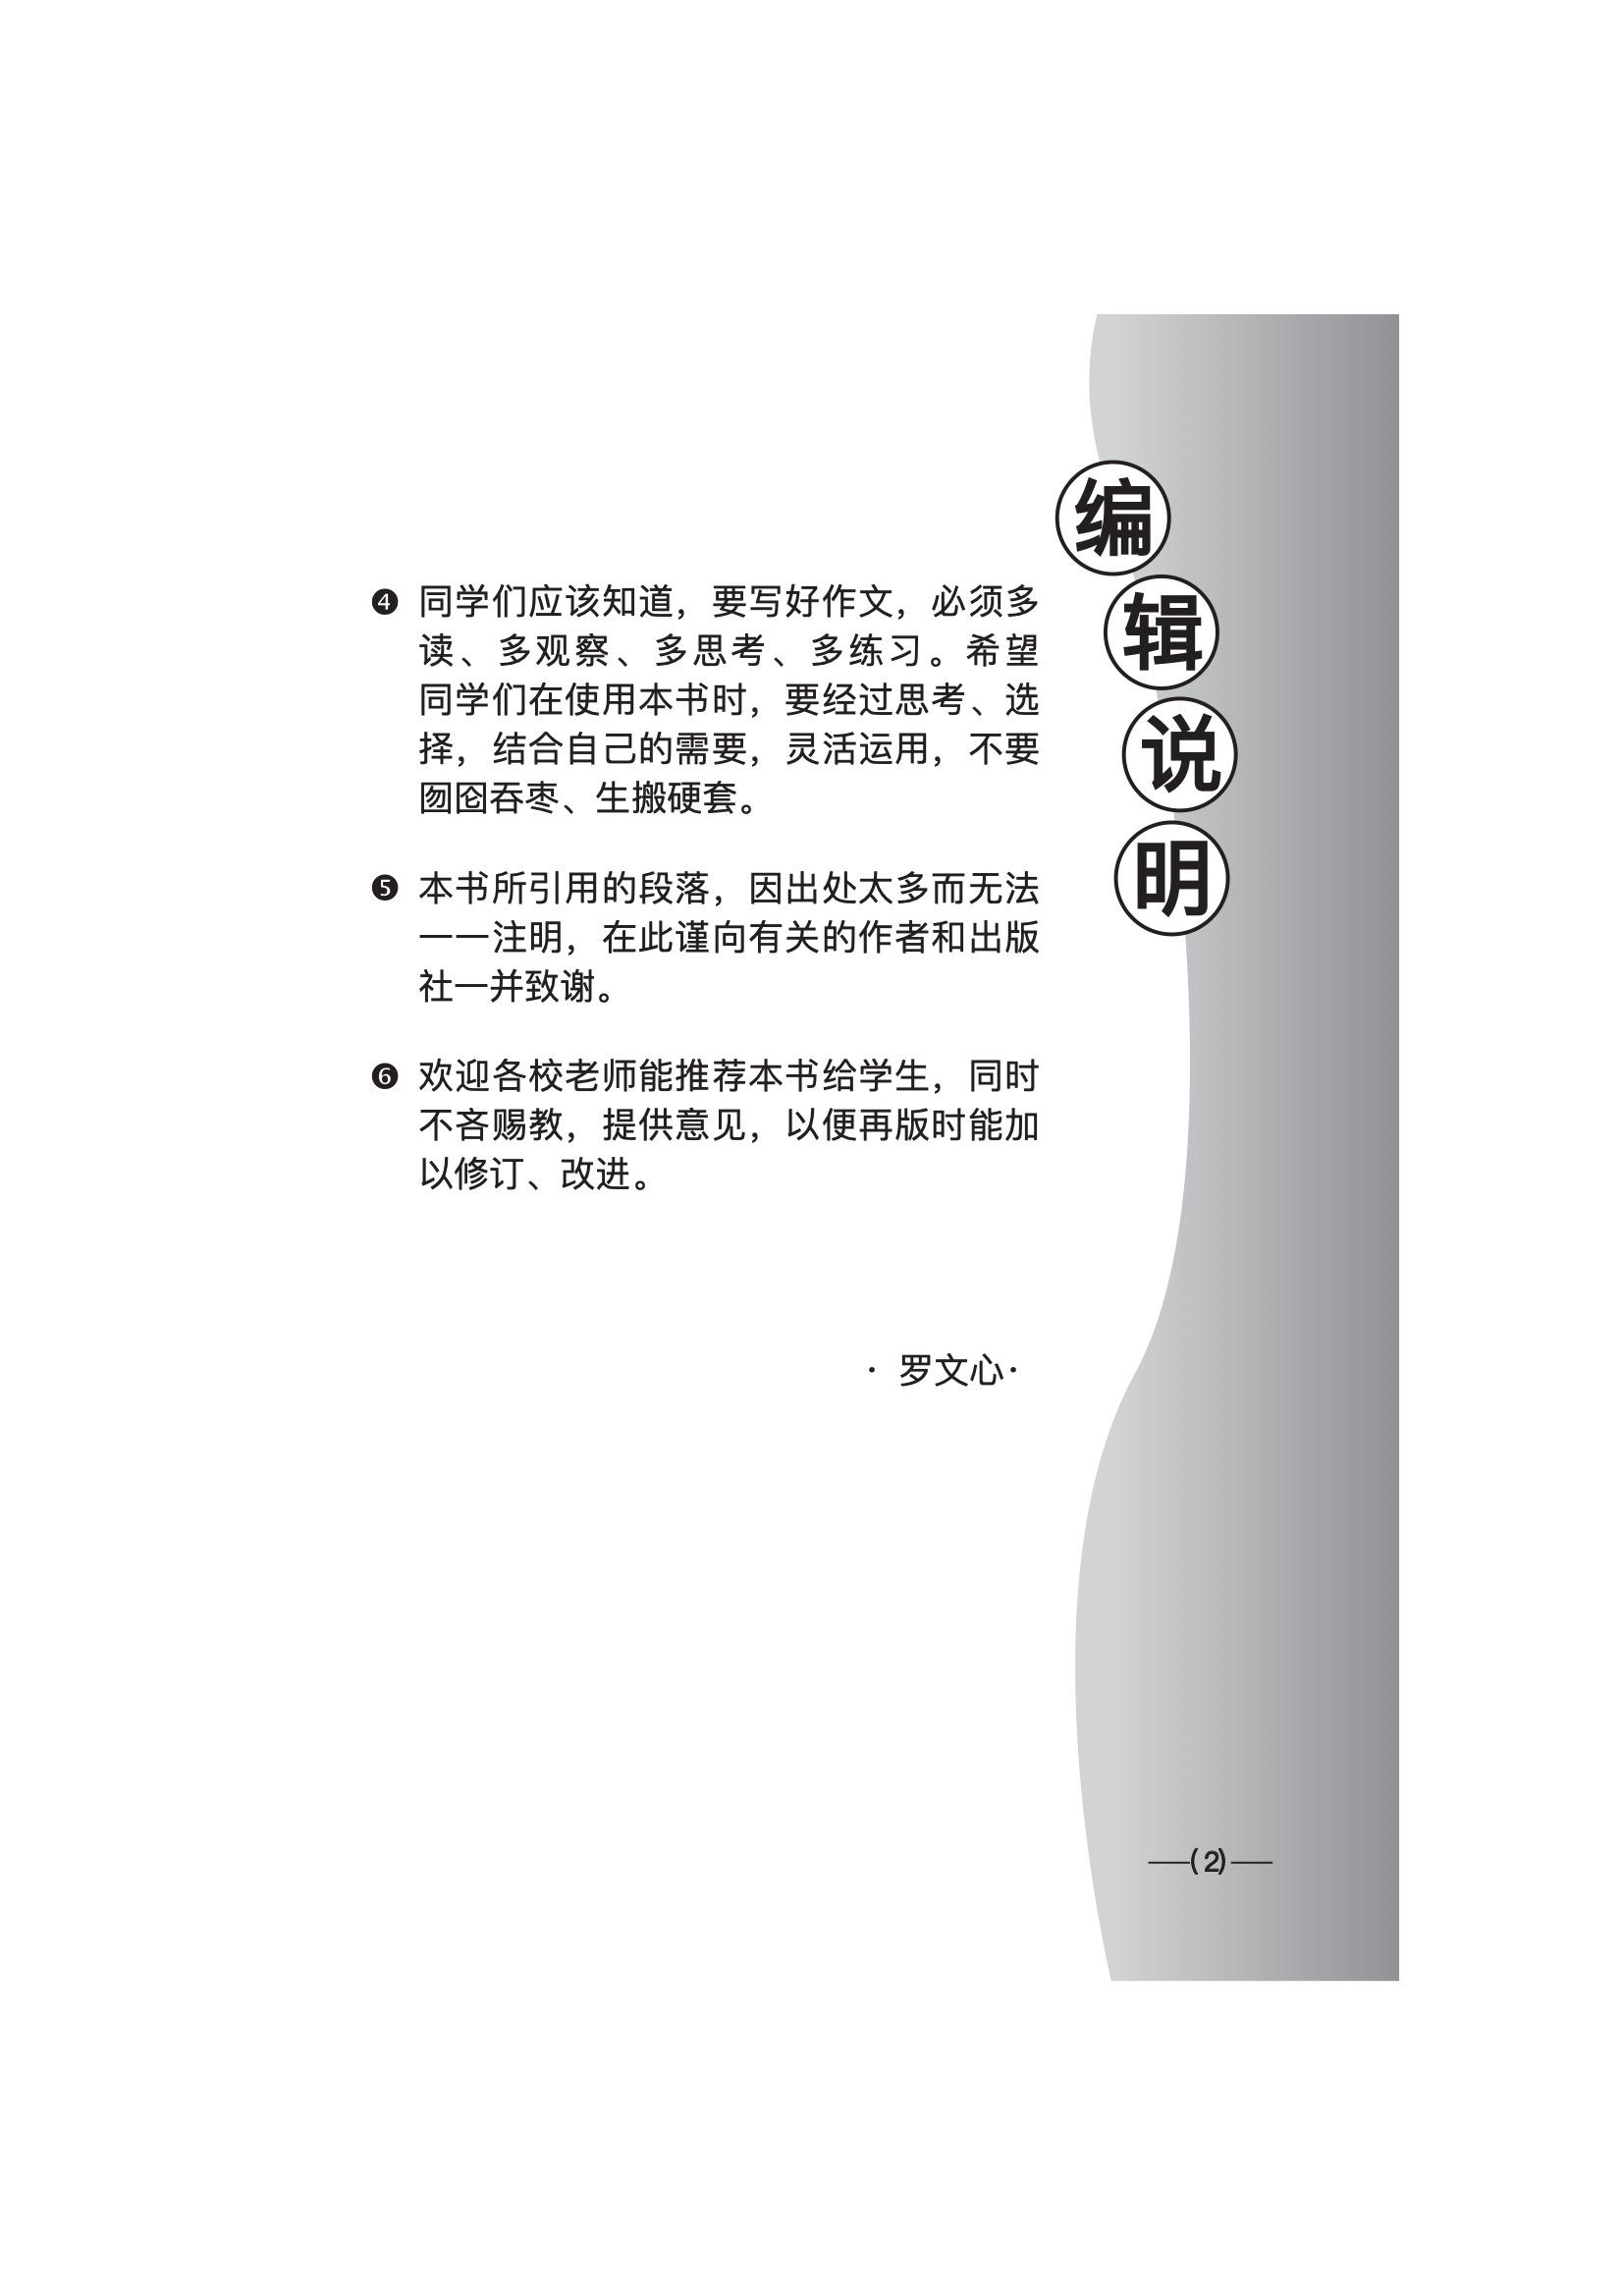 2747105_Preface-1 4